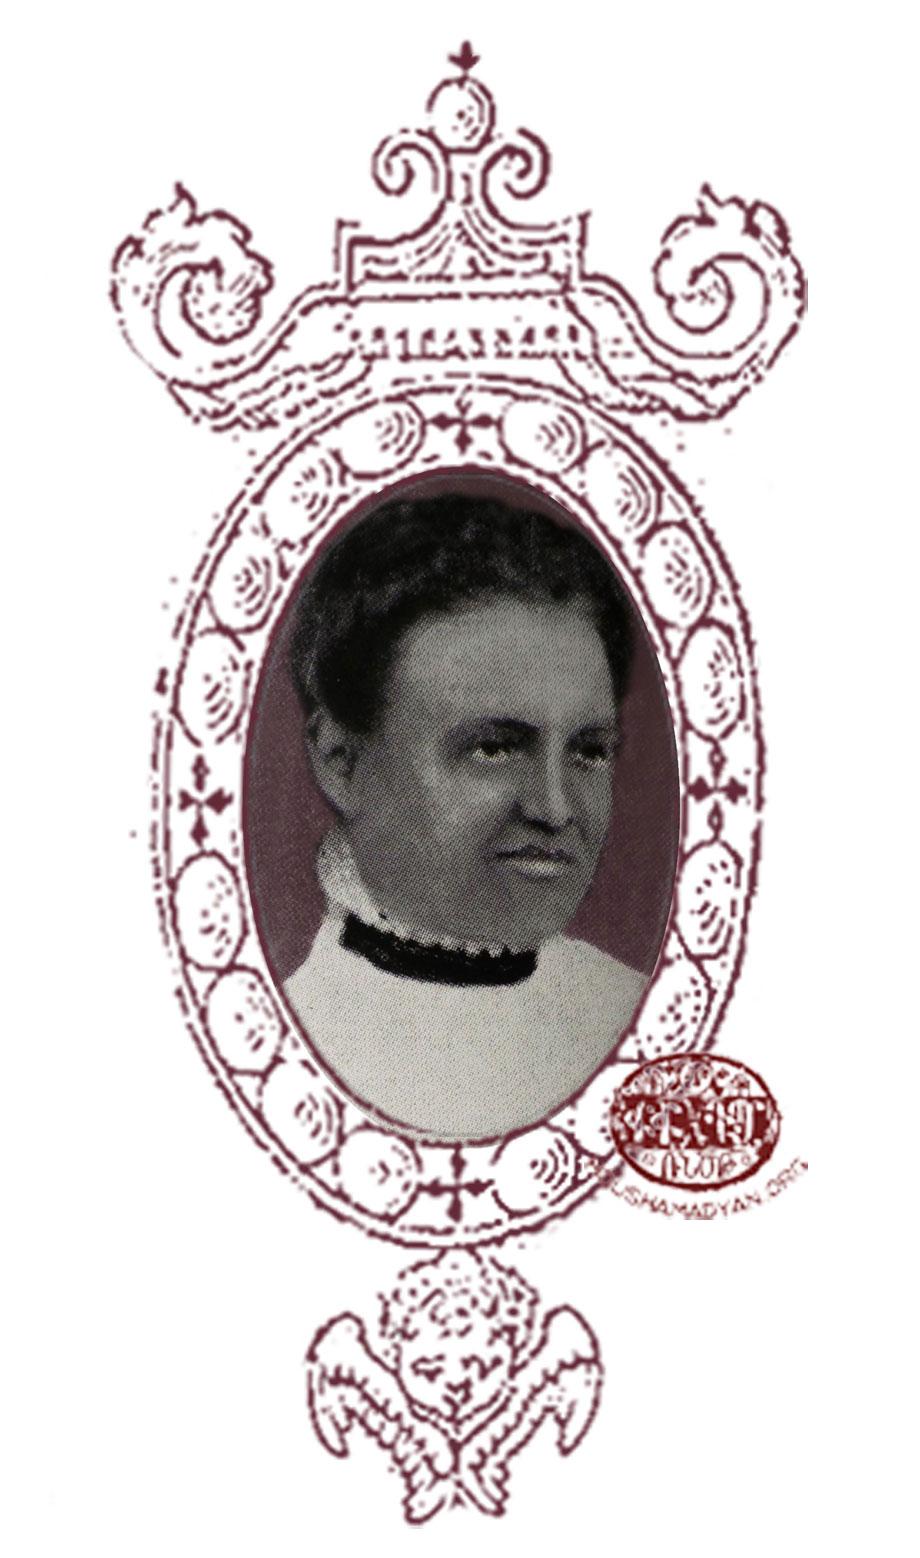 Mary L. Daniels